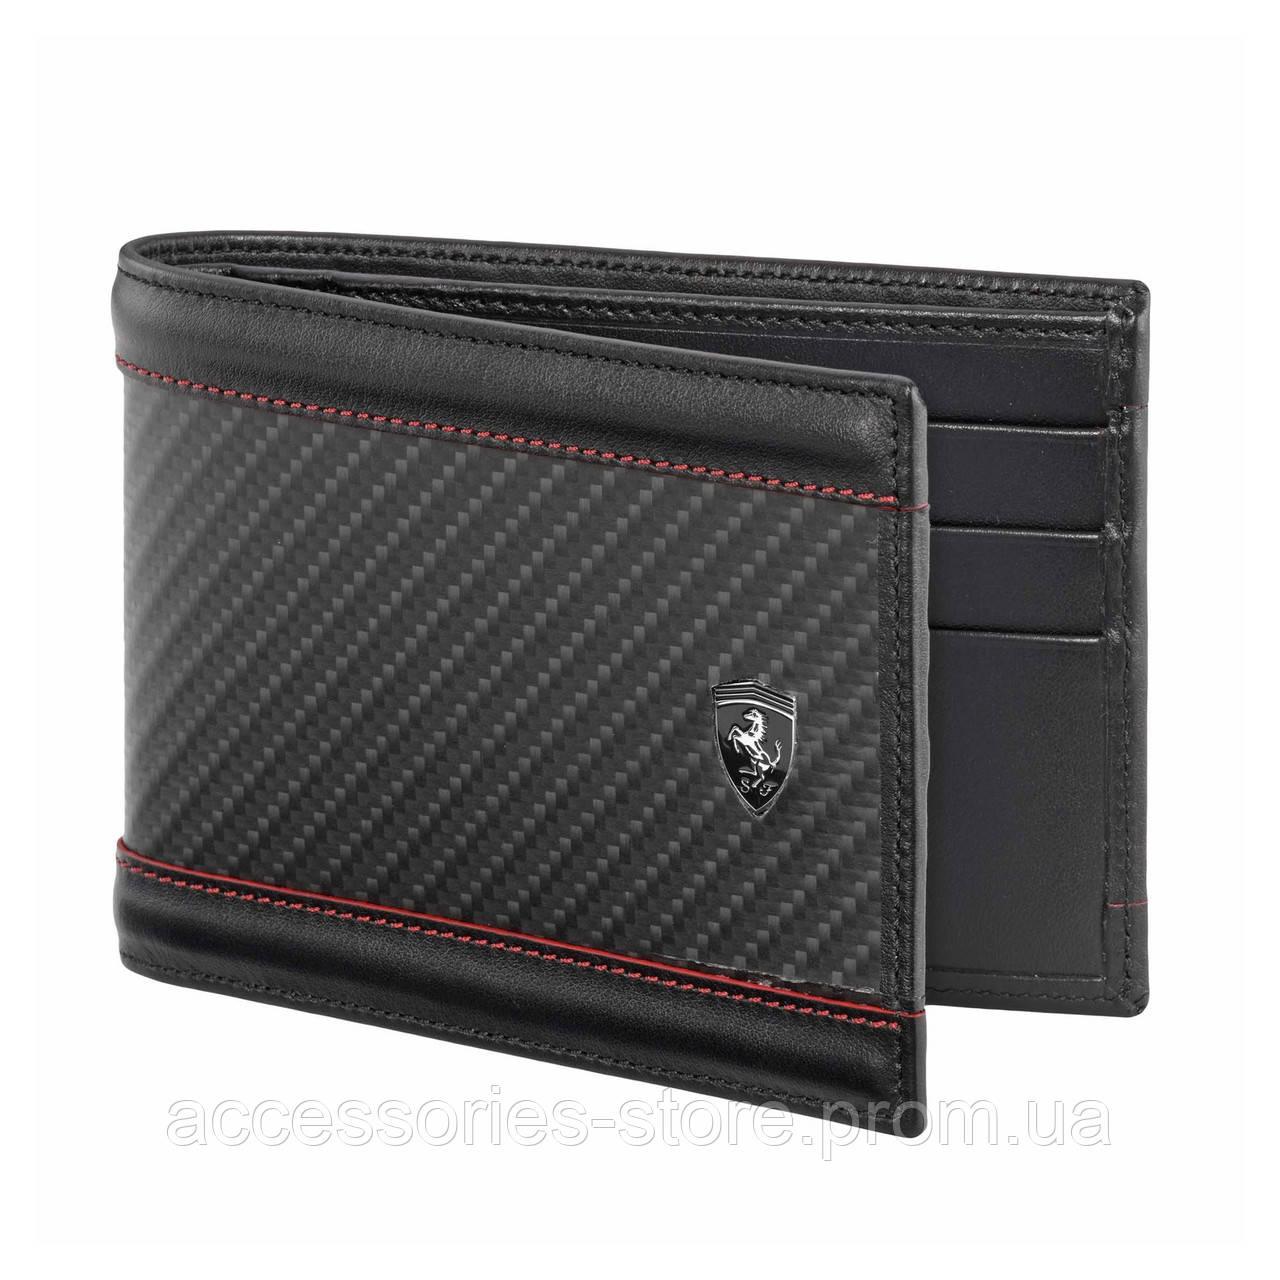 Горизонтальный бумажник Ferrari с карбоном, Horizontal carbon fibre wallet